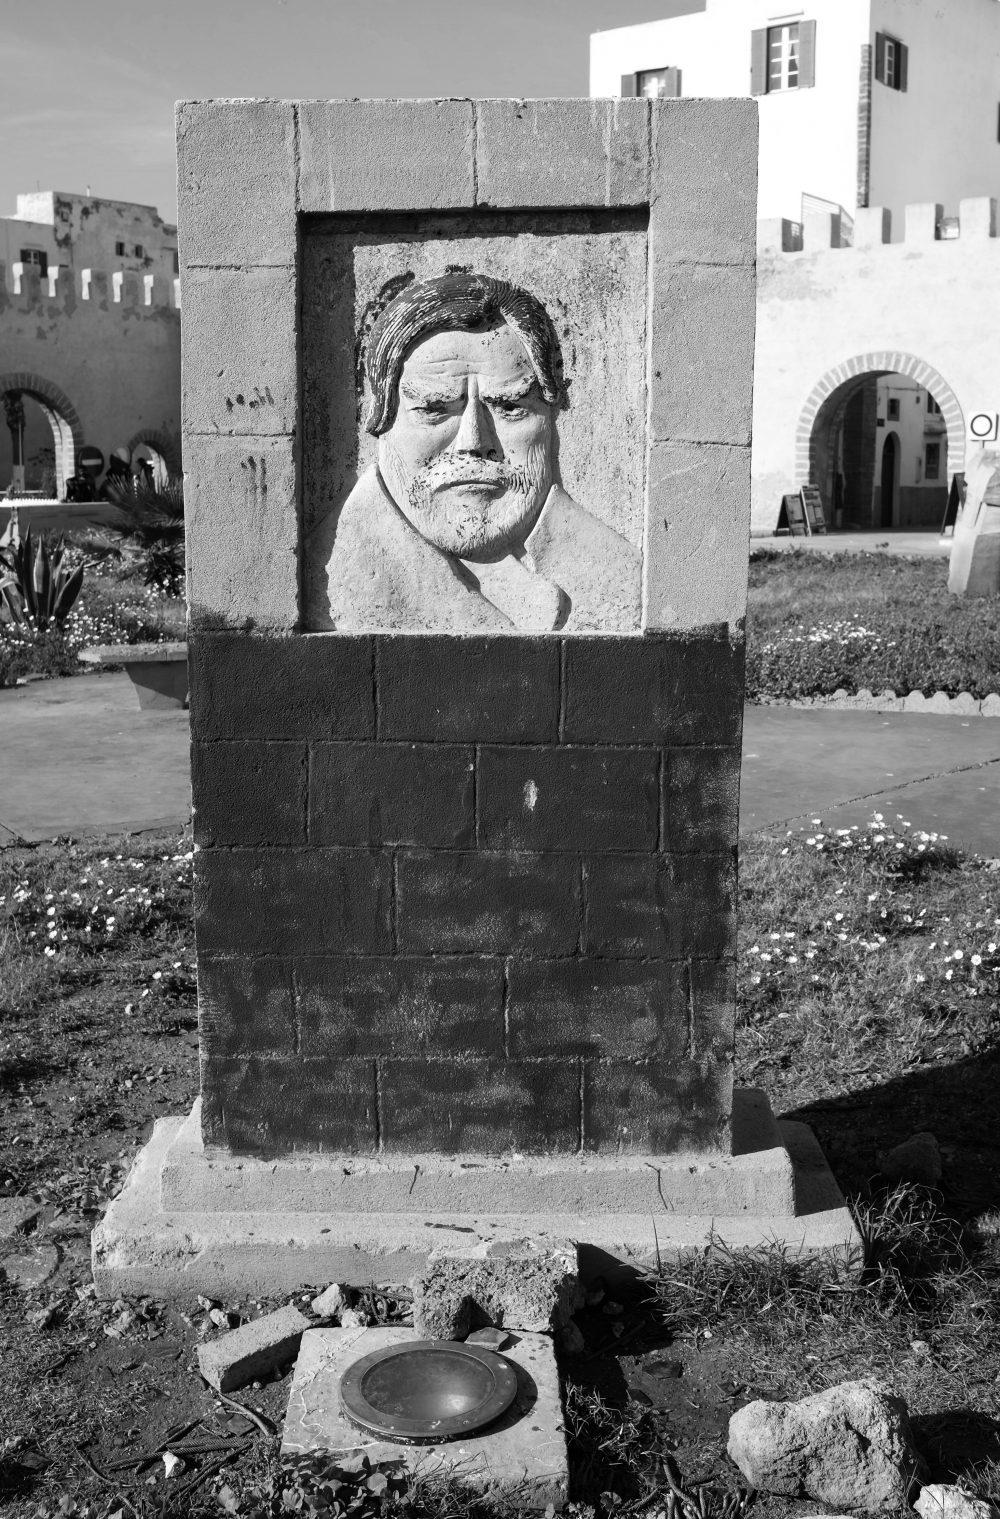 Orson Welles statue